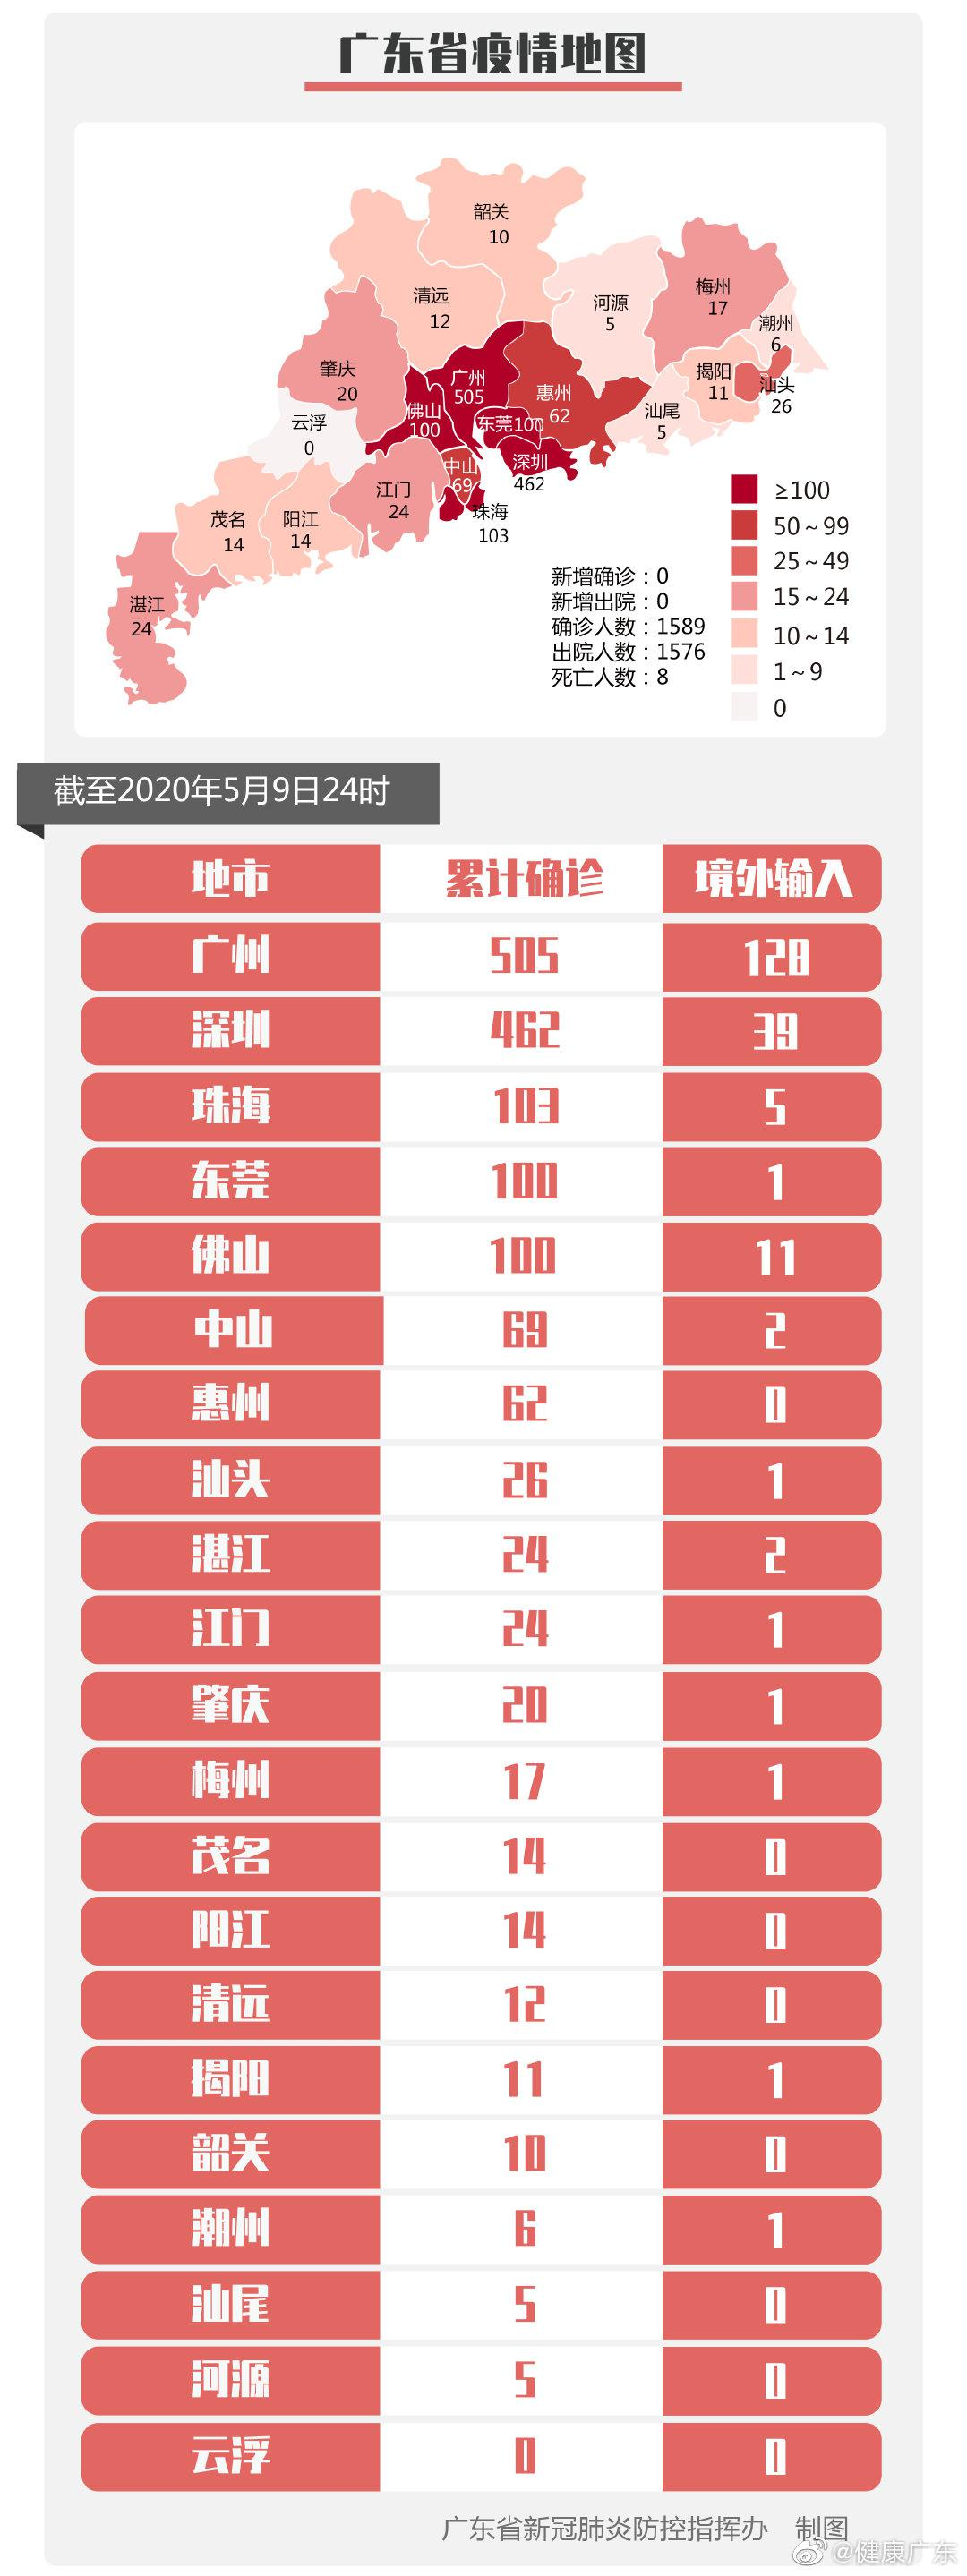 摩天娱乐:020年5月10日广东省摩天娱乐新冠肺图片